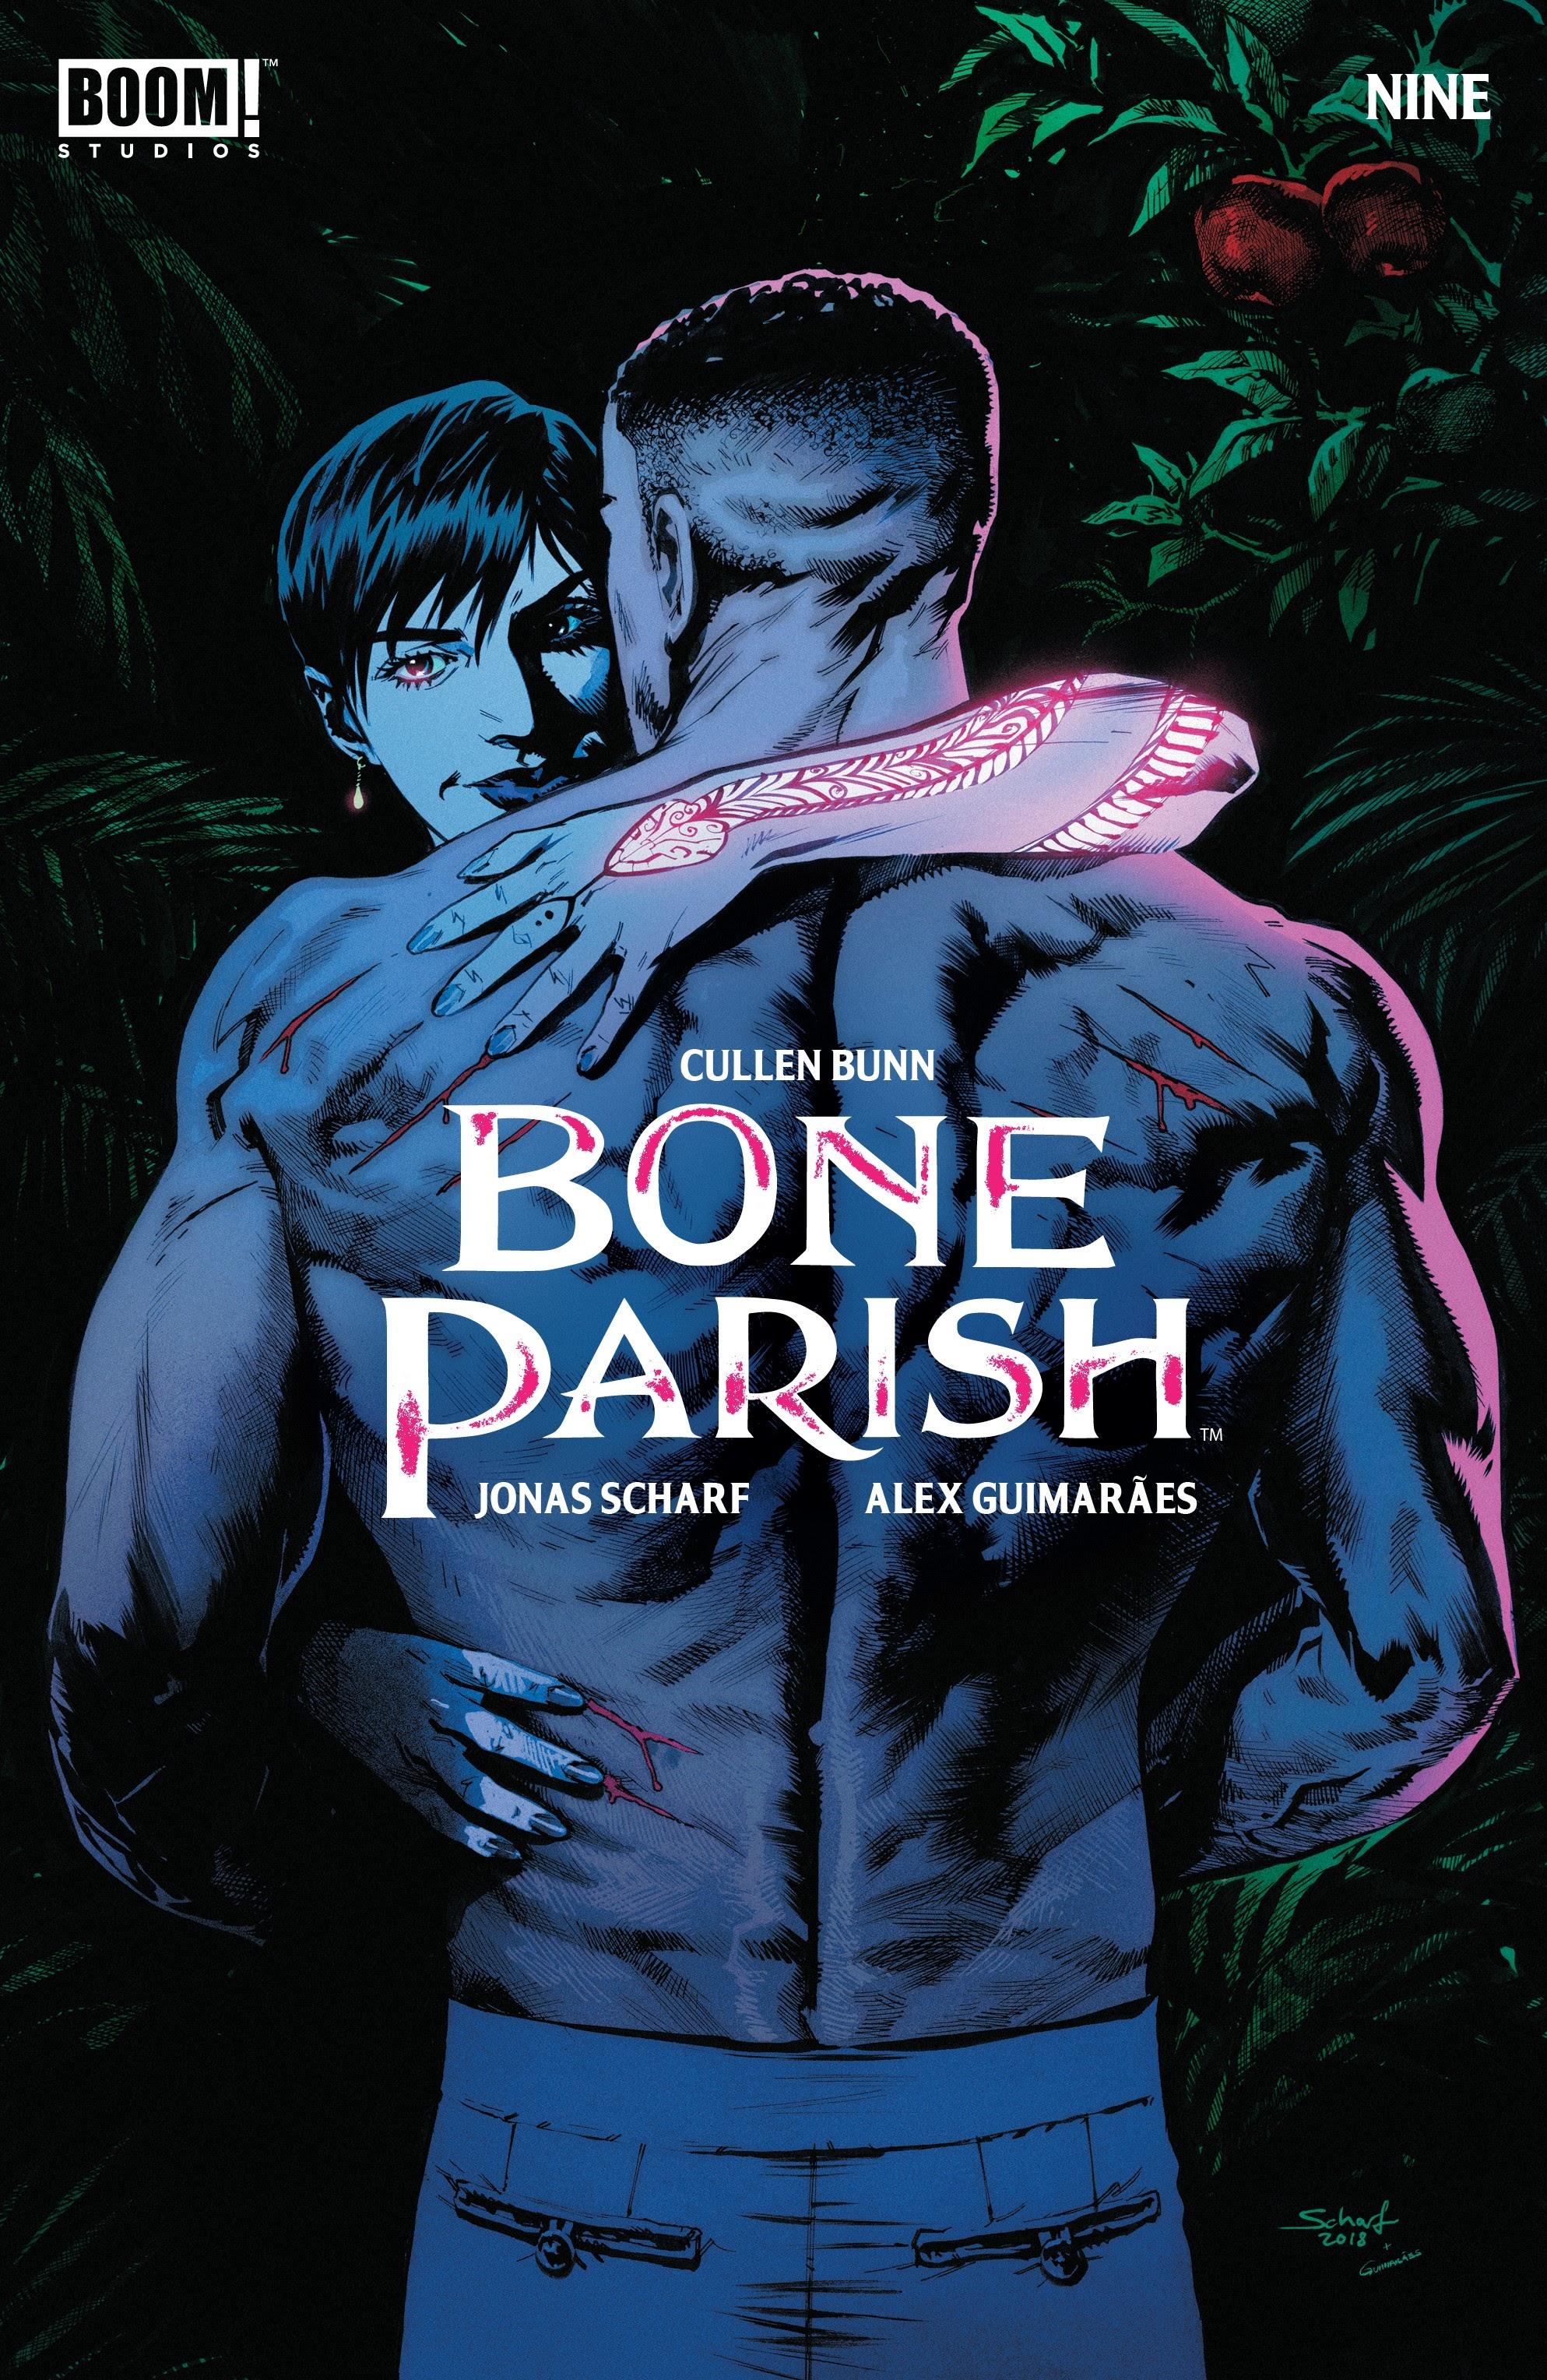 Bone Parish Issue 9